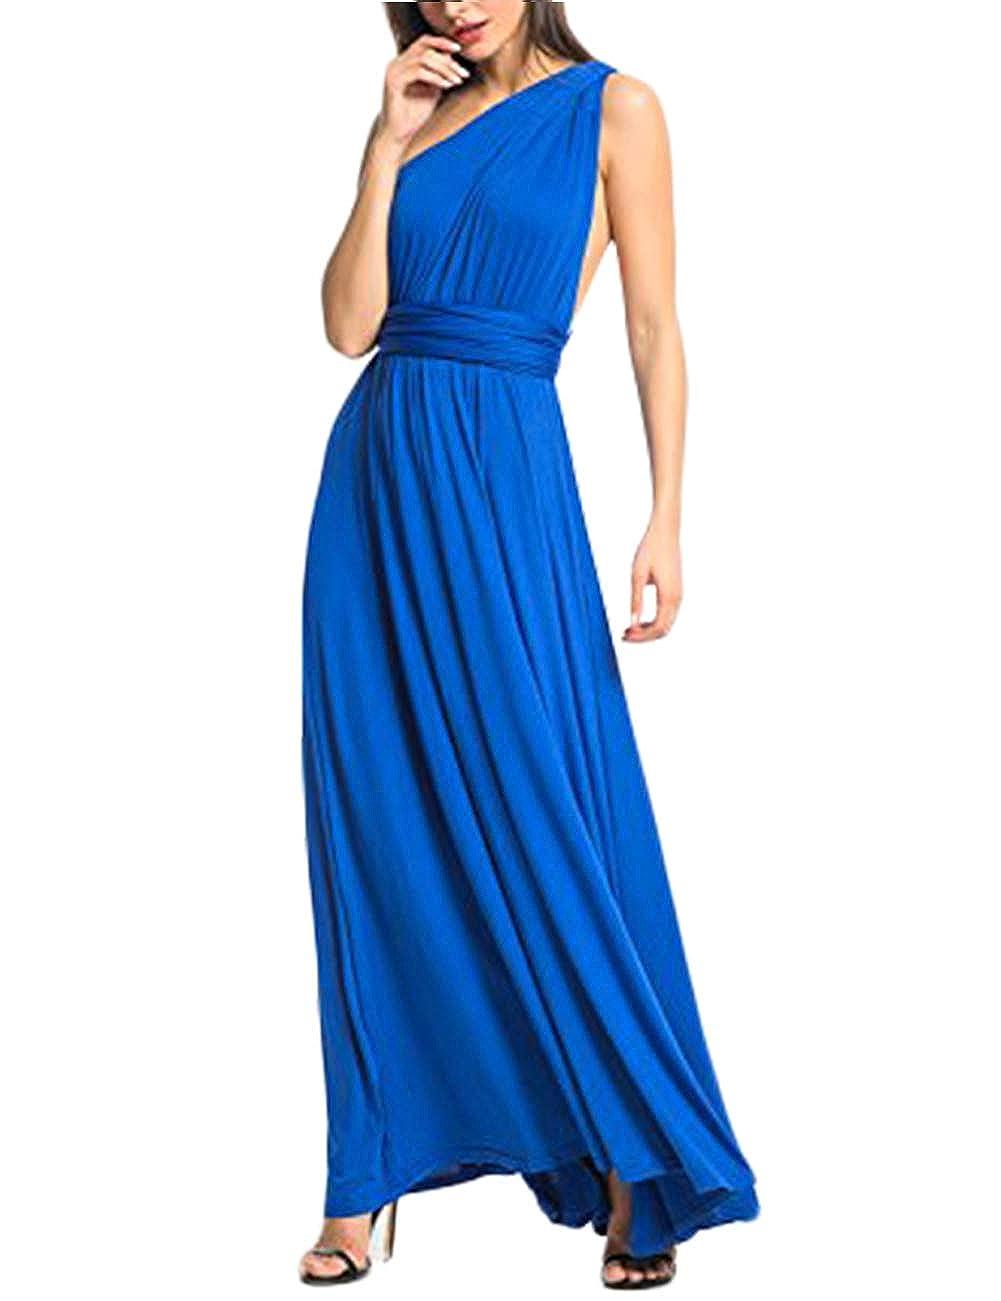 TALLA XL(ES 46-50). FeelinGirl Mujer Vestido de Noche Longitud Máxima Falda Fiesta Cóctel Tirantes Convertibles Multi-Manera Azul XL(ES 46-50)